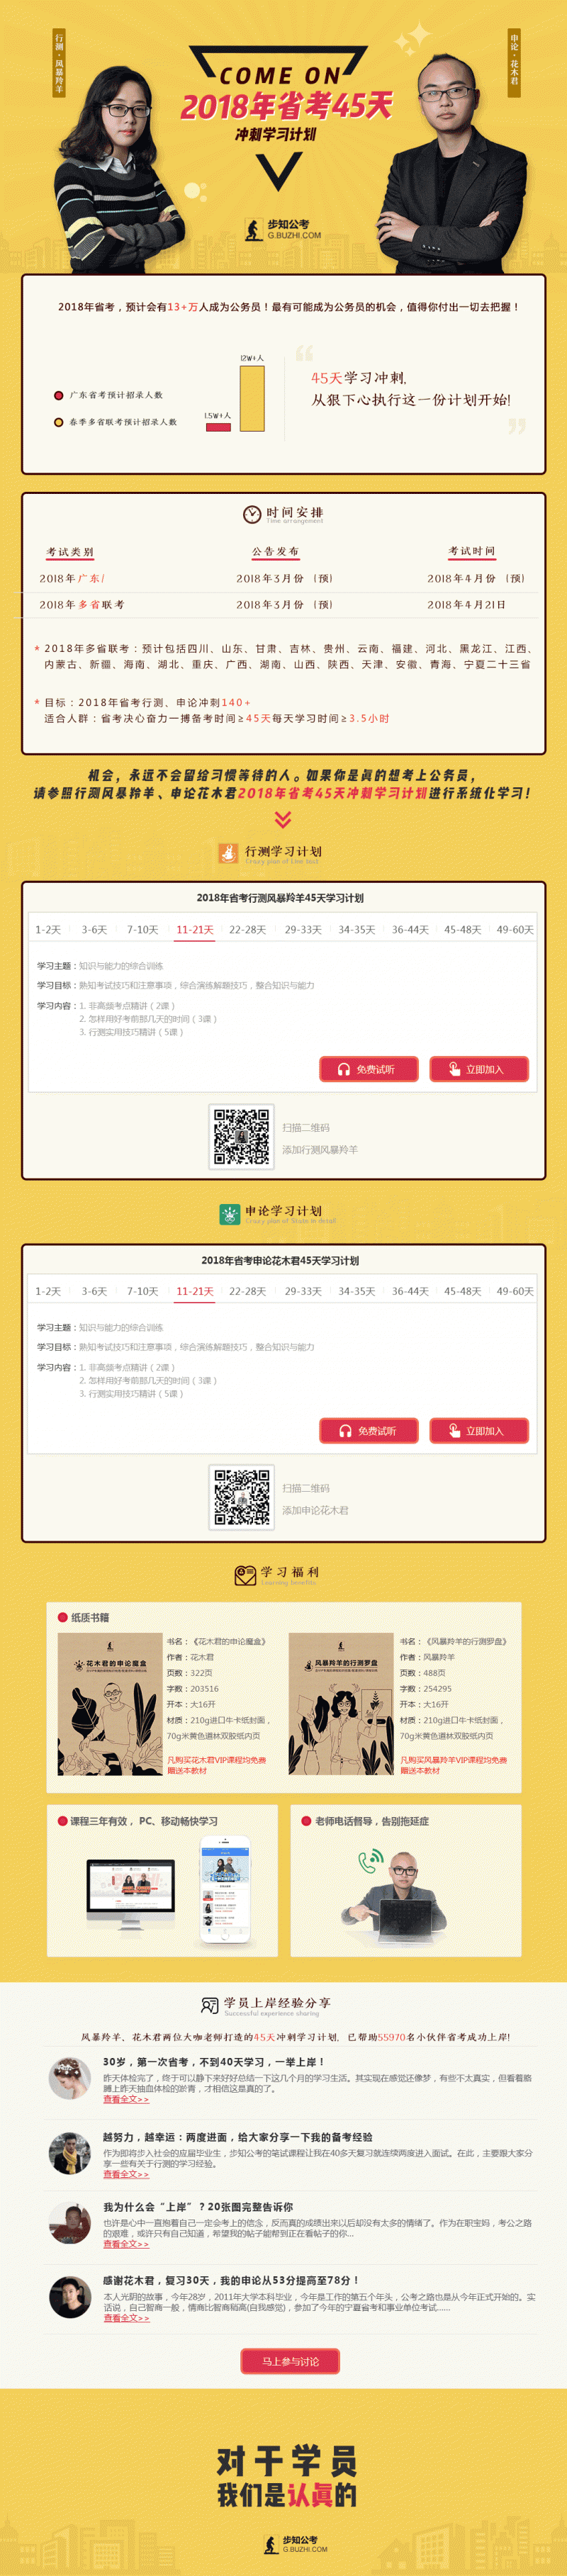 国考省考一站专题1080(3月6日修改).png